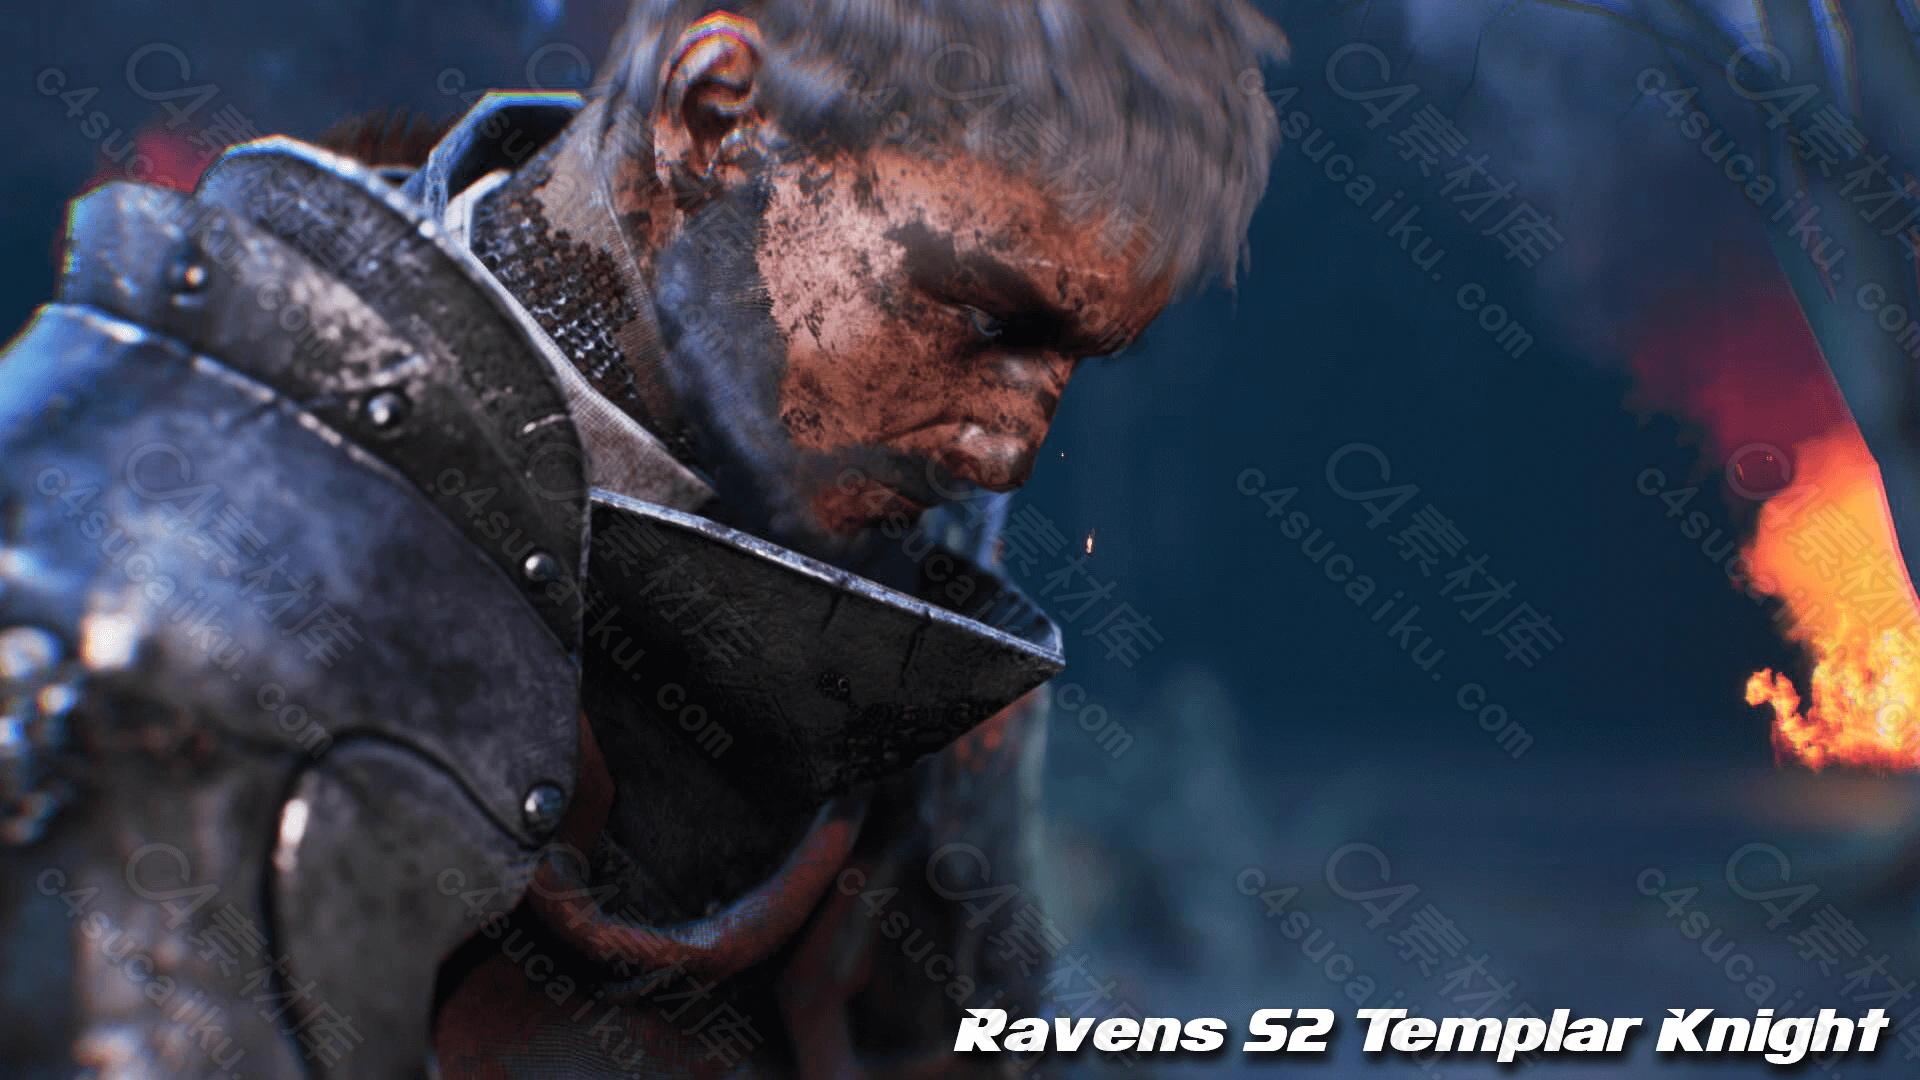 C4素材网-UE4资产-男性圣殿骑士角色